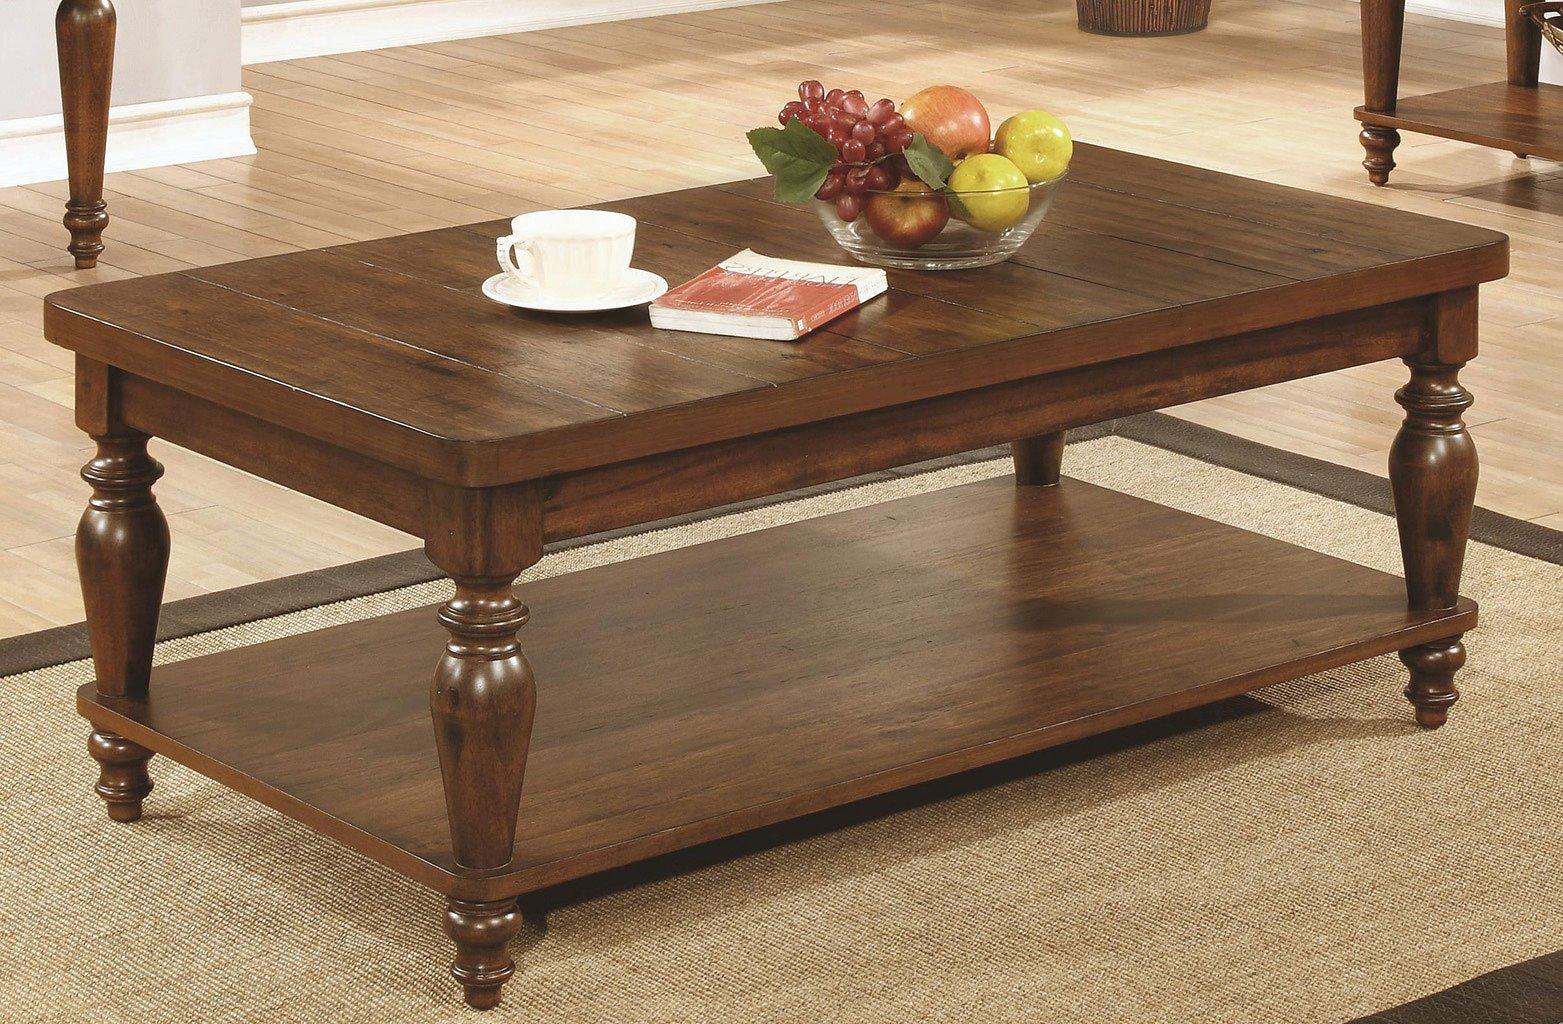 Rustic Brown Coffee Table W/ Turned Legs